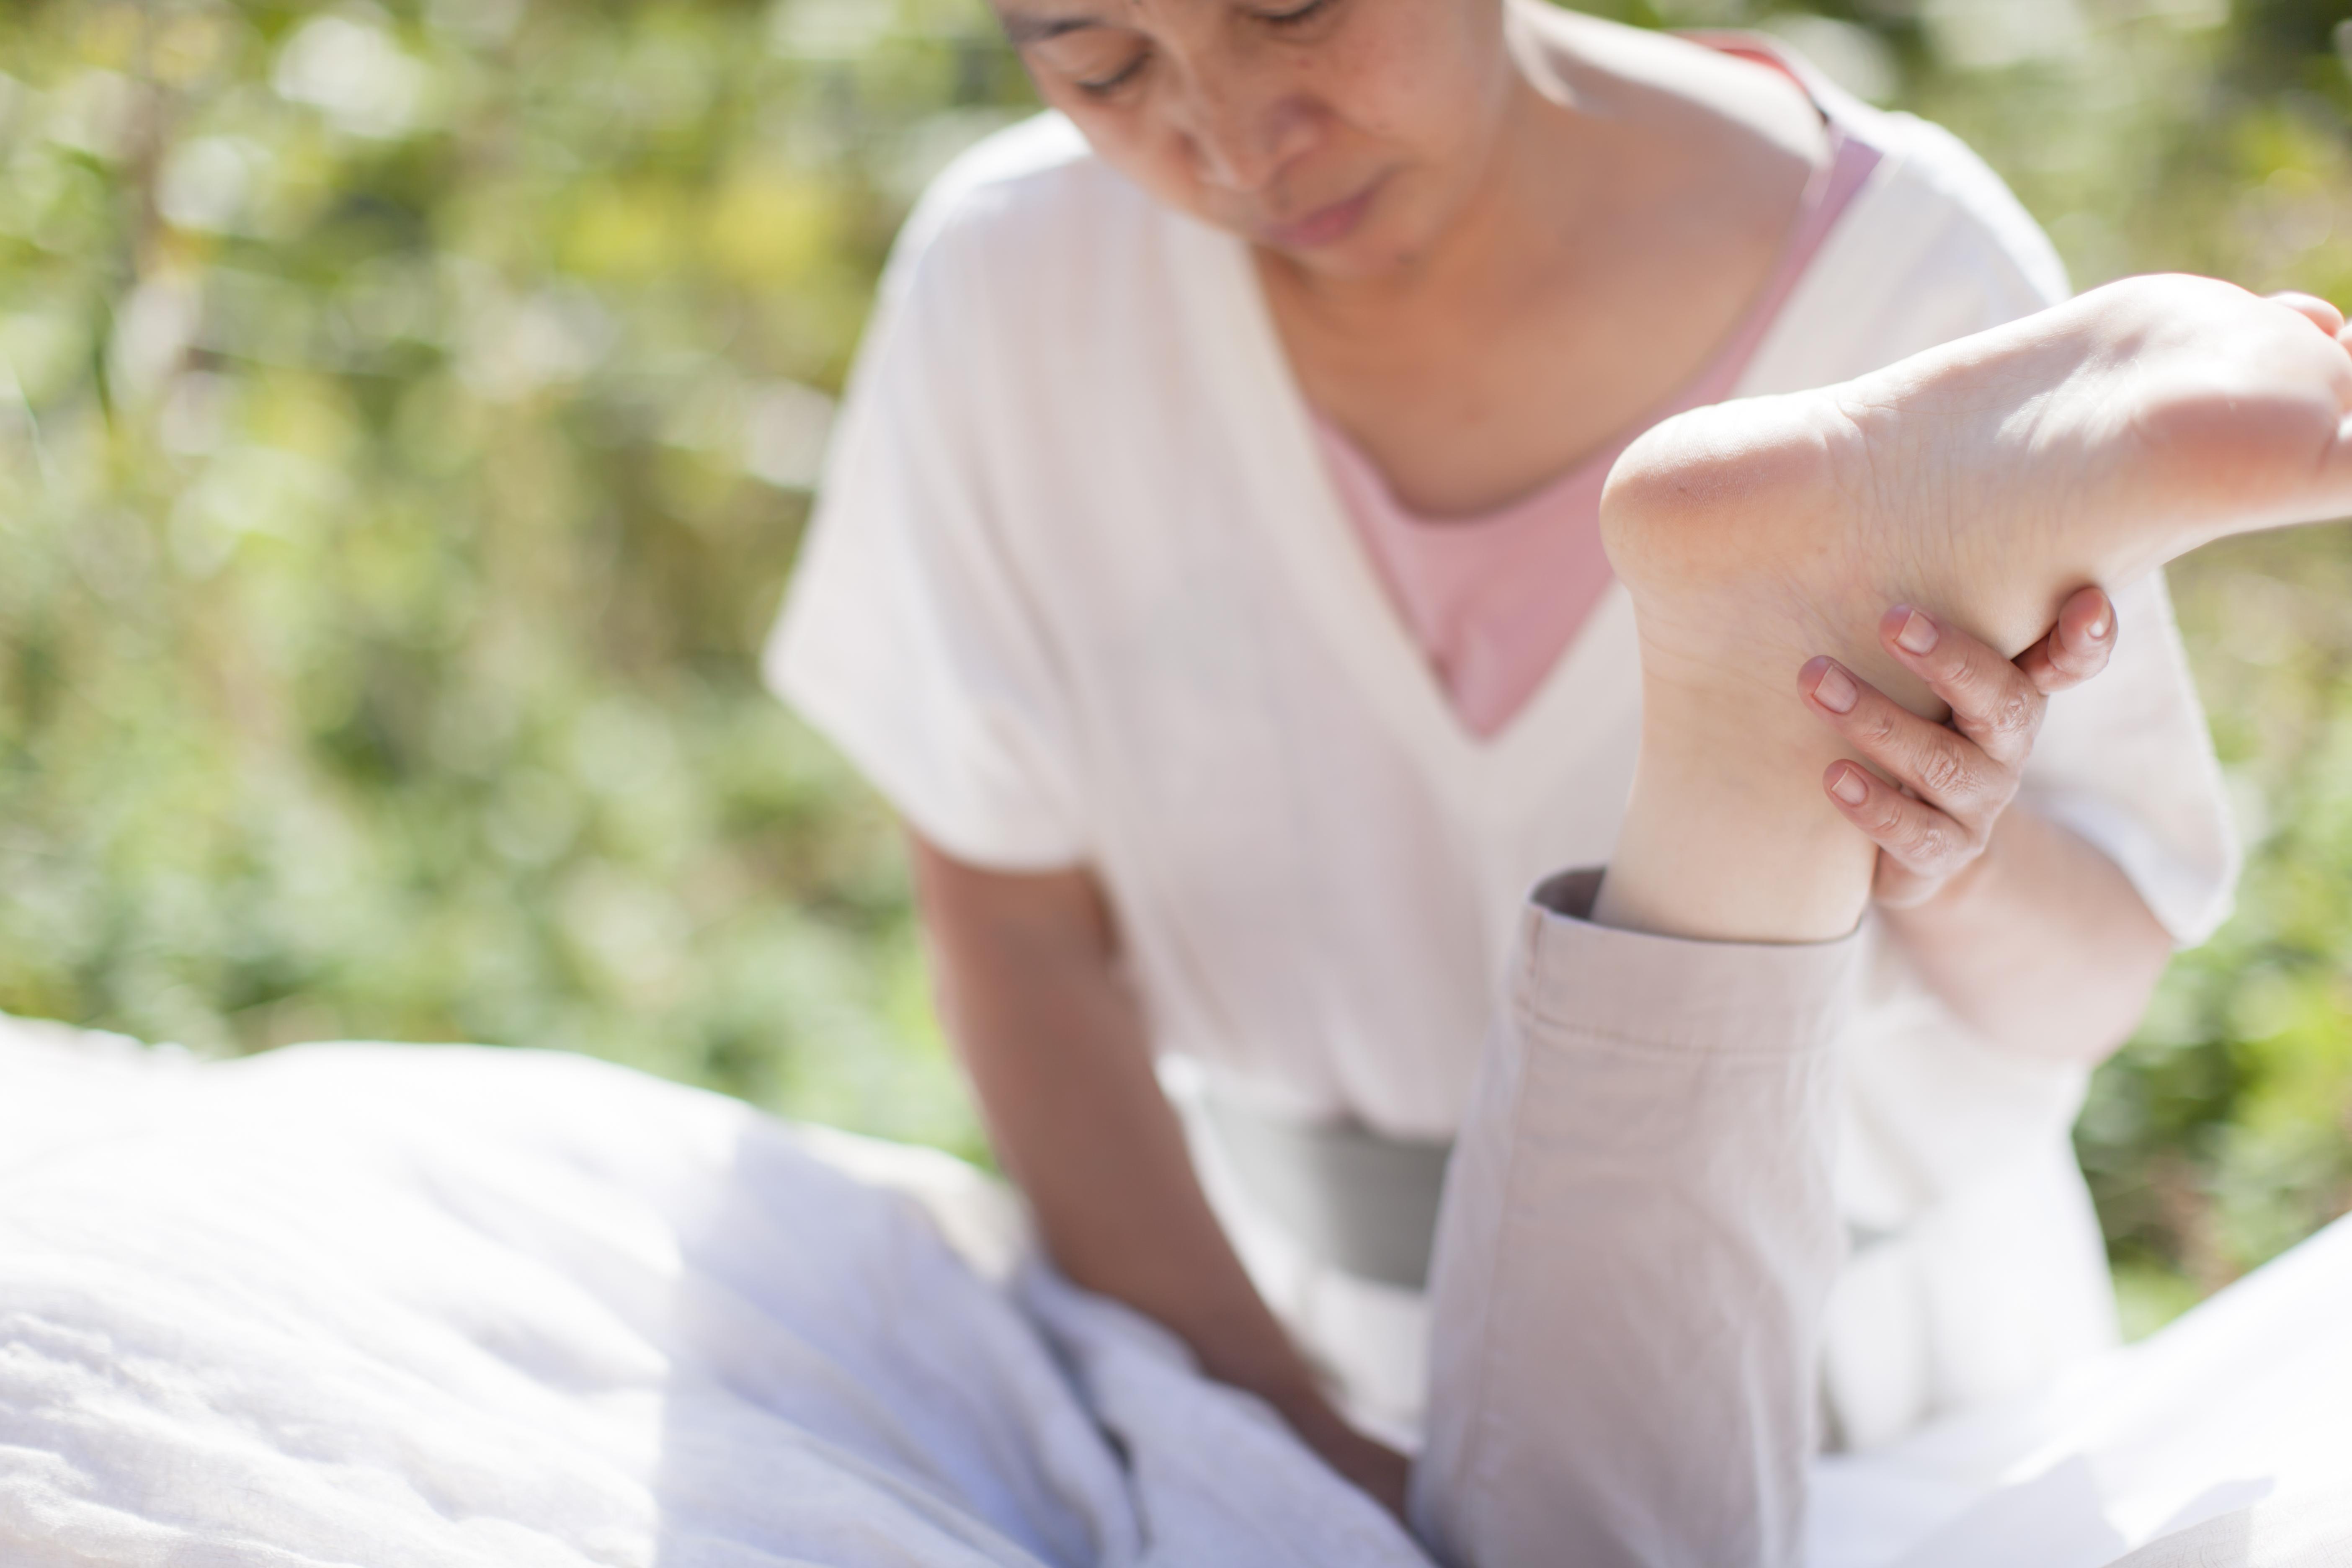 足のムーヴメント ゆったりセラピー 受動的な動き エサレンボディワーク 心で触れる